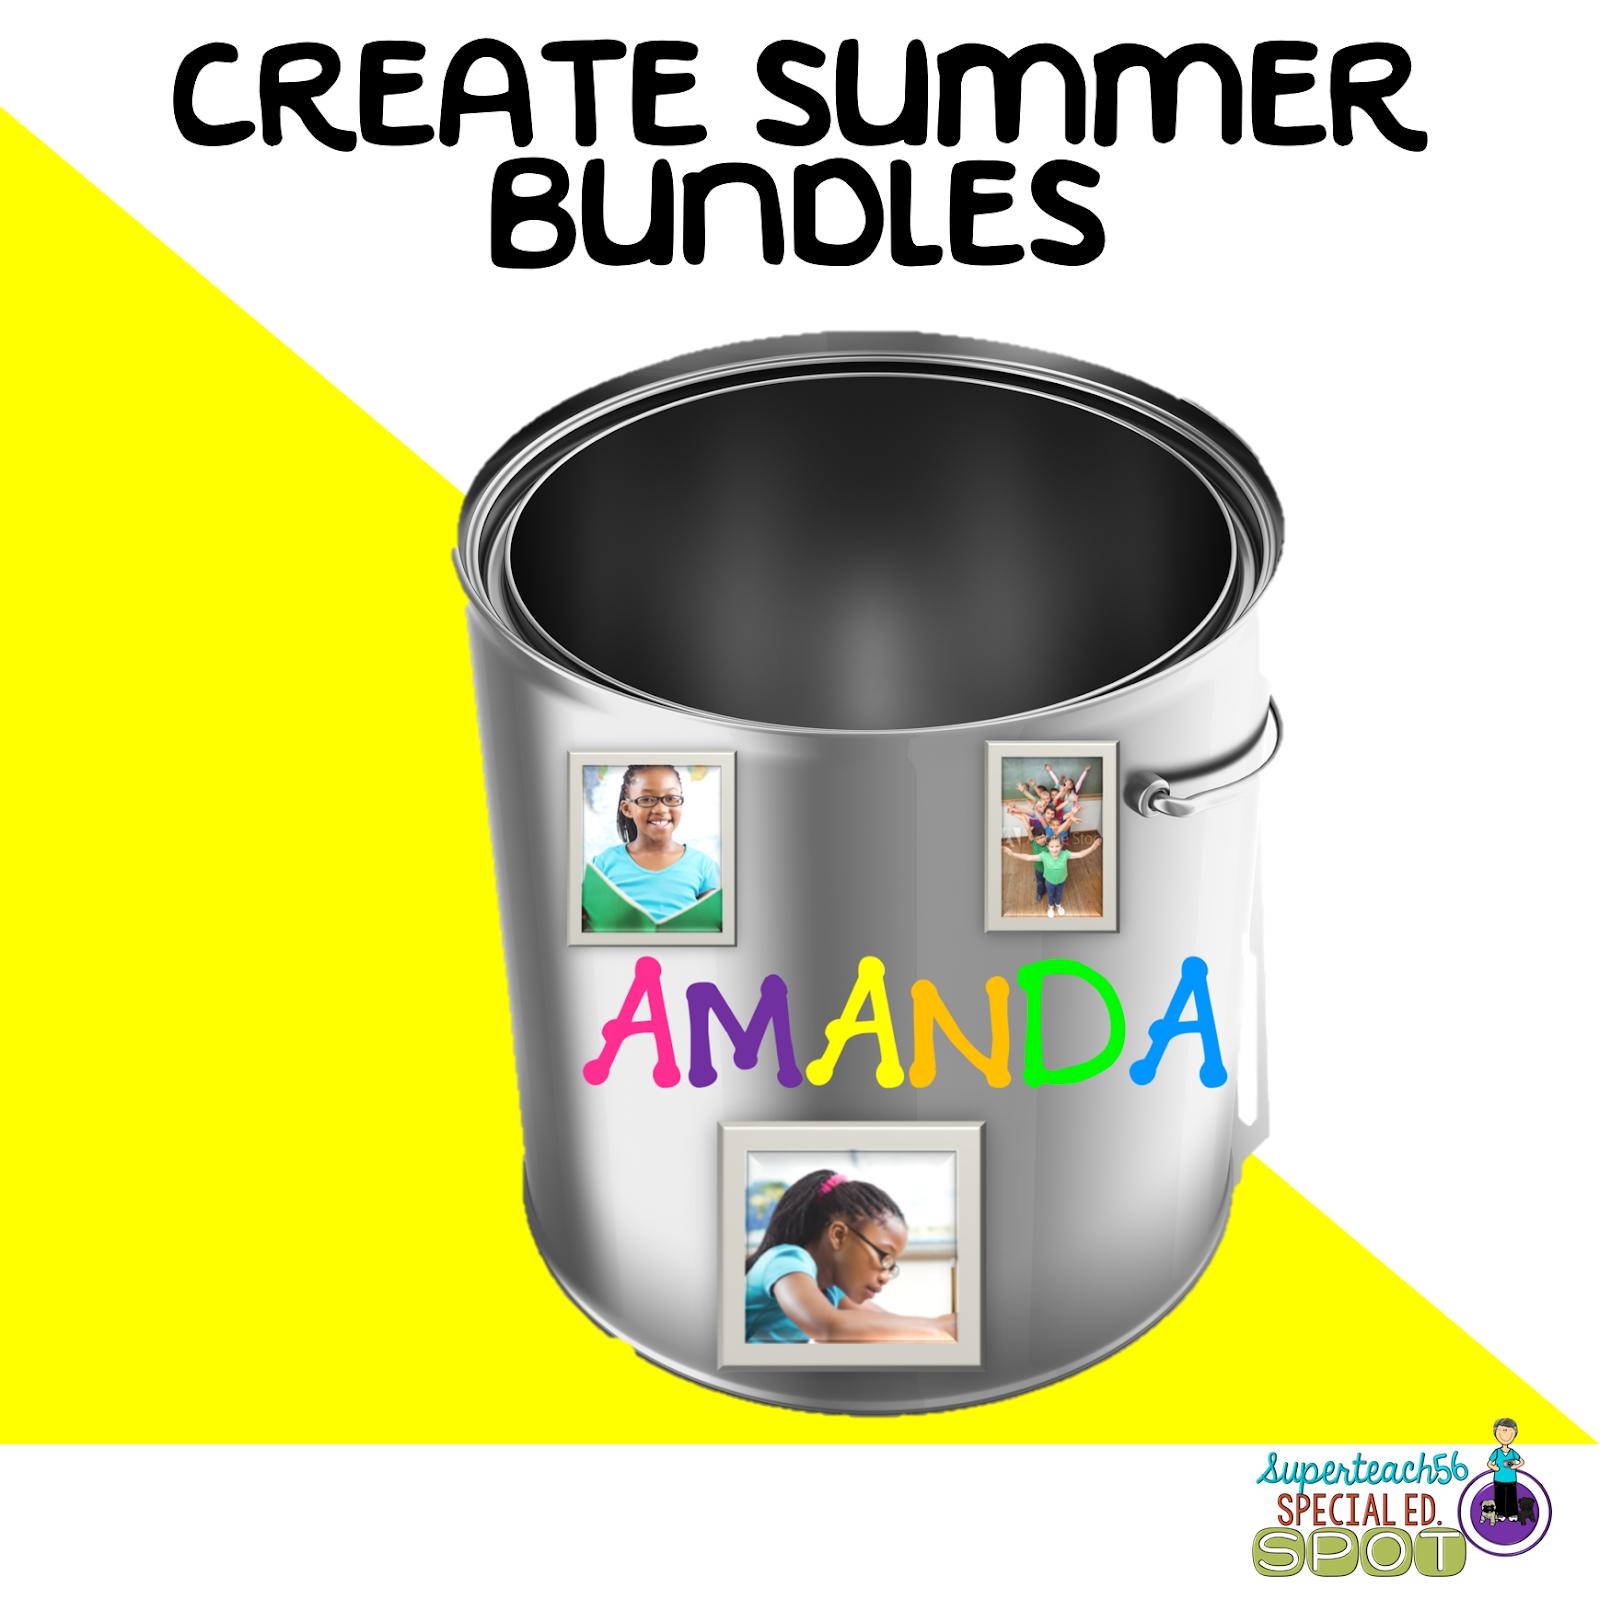 summer surprise bundles superteach s special ed spot